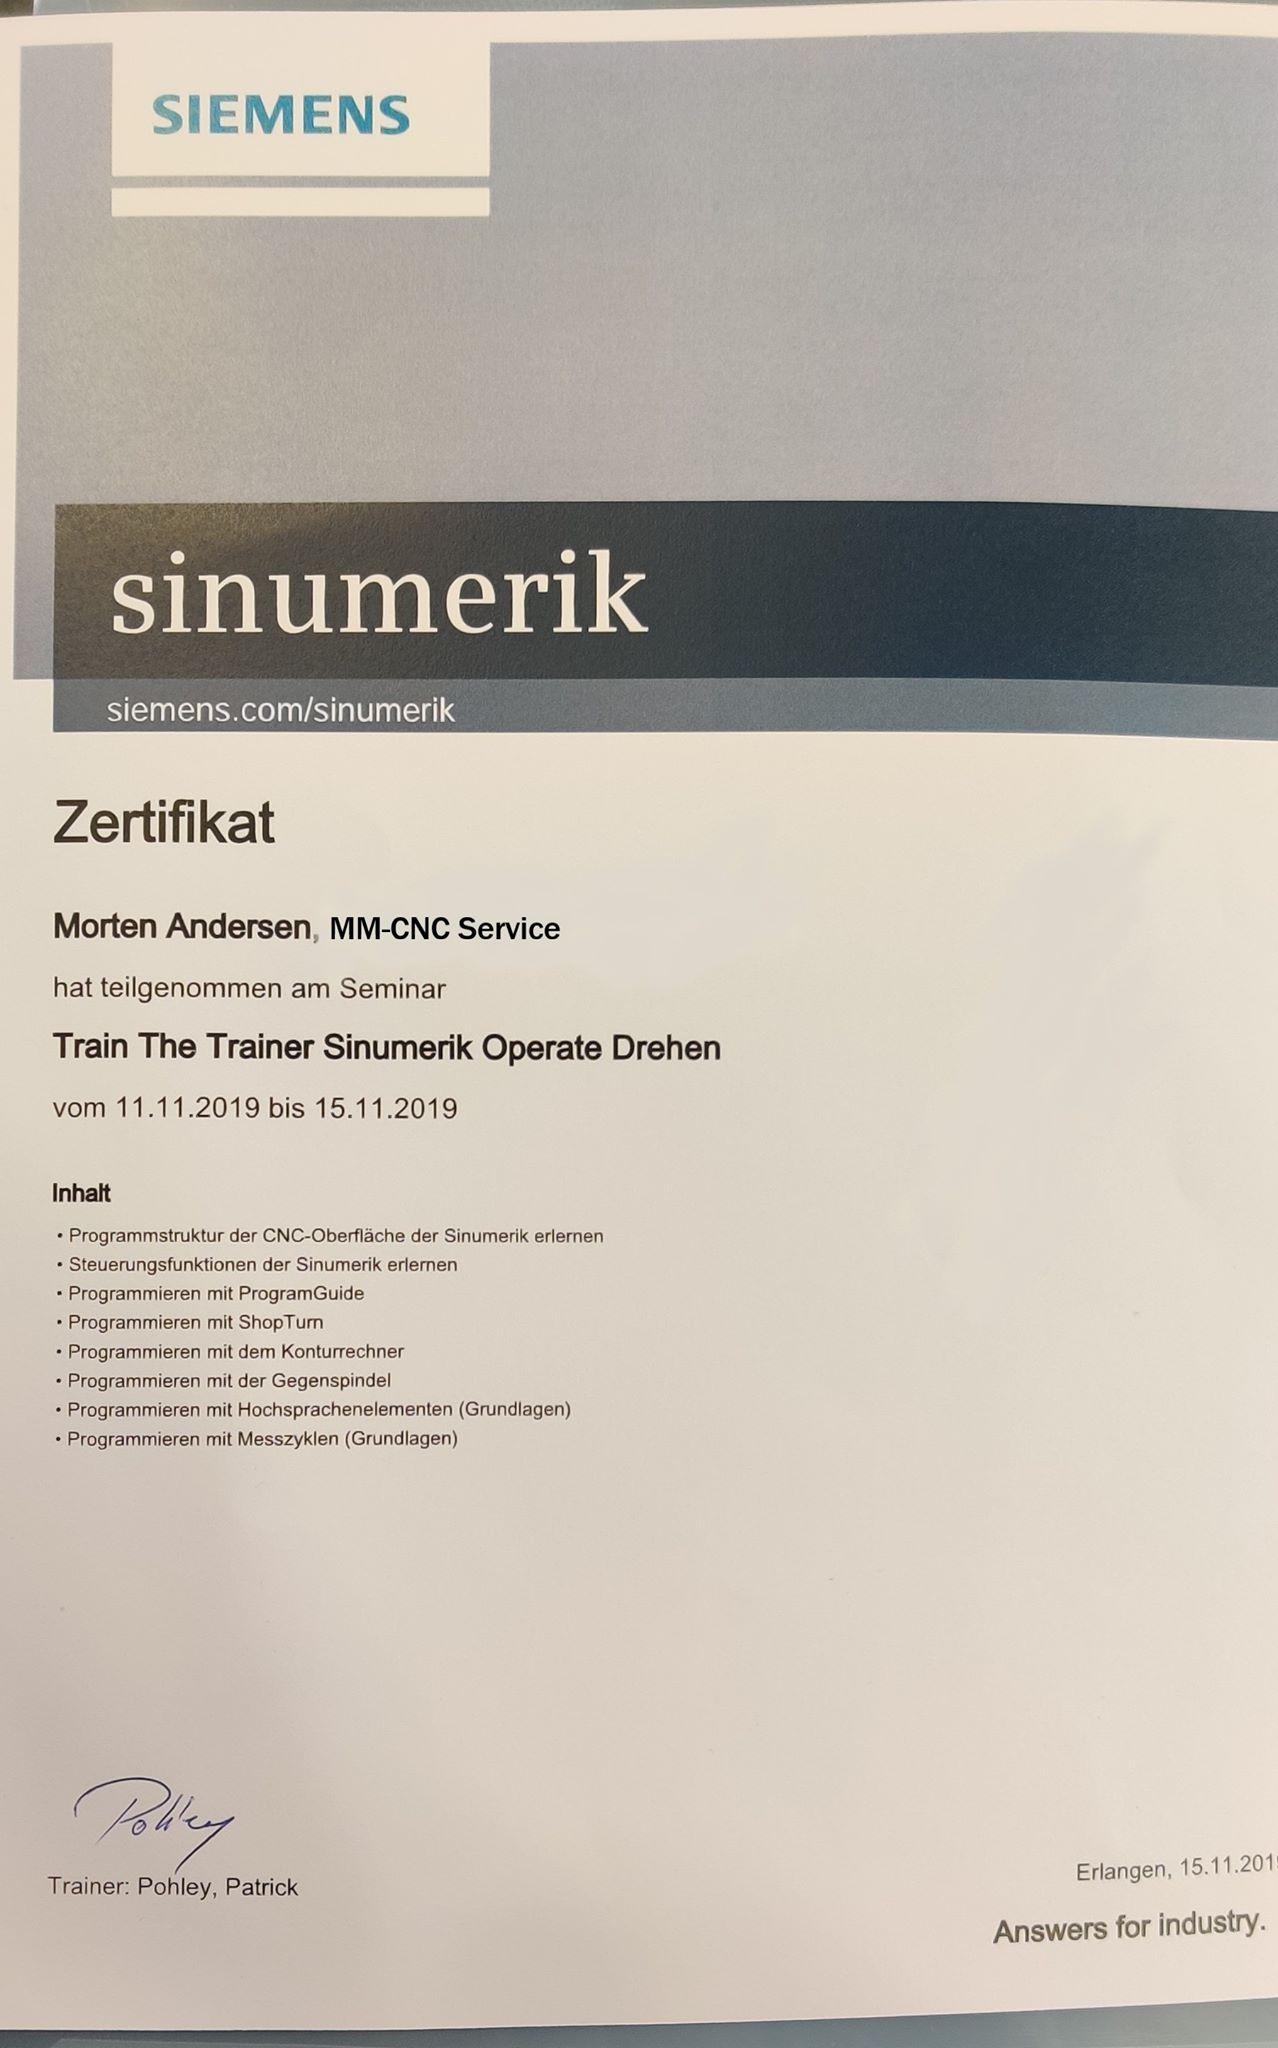 Siemens certofikat